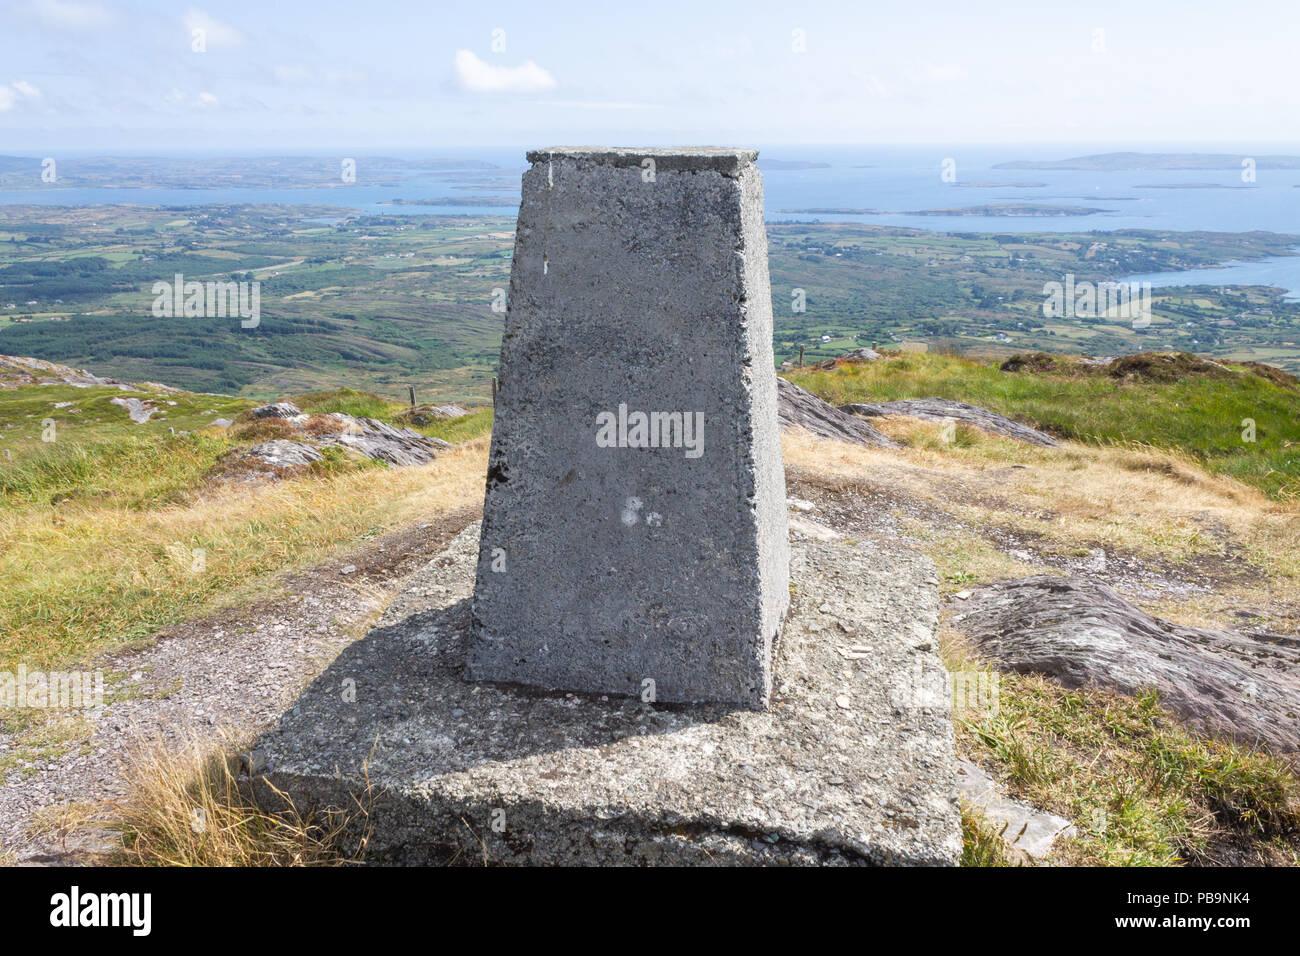 Punto de triangulación en la cumbre del monte Gabriel, West Cork, Irlanda, con vistas de la bahía de agua rugiente más allá. Imagen De Stock